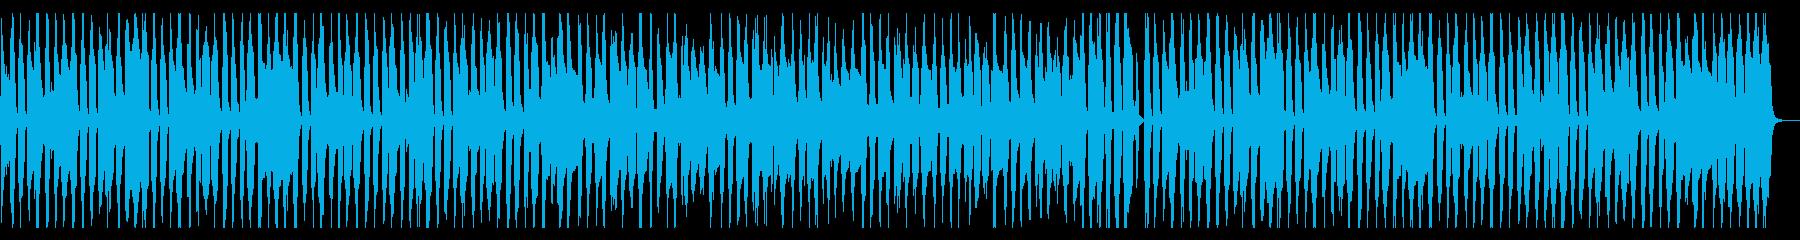 手拍子とウキウキなピアノの再生済みの波形